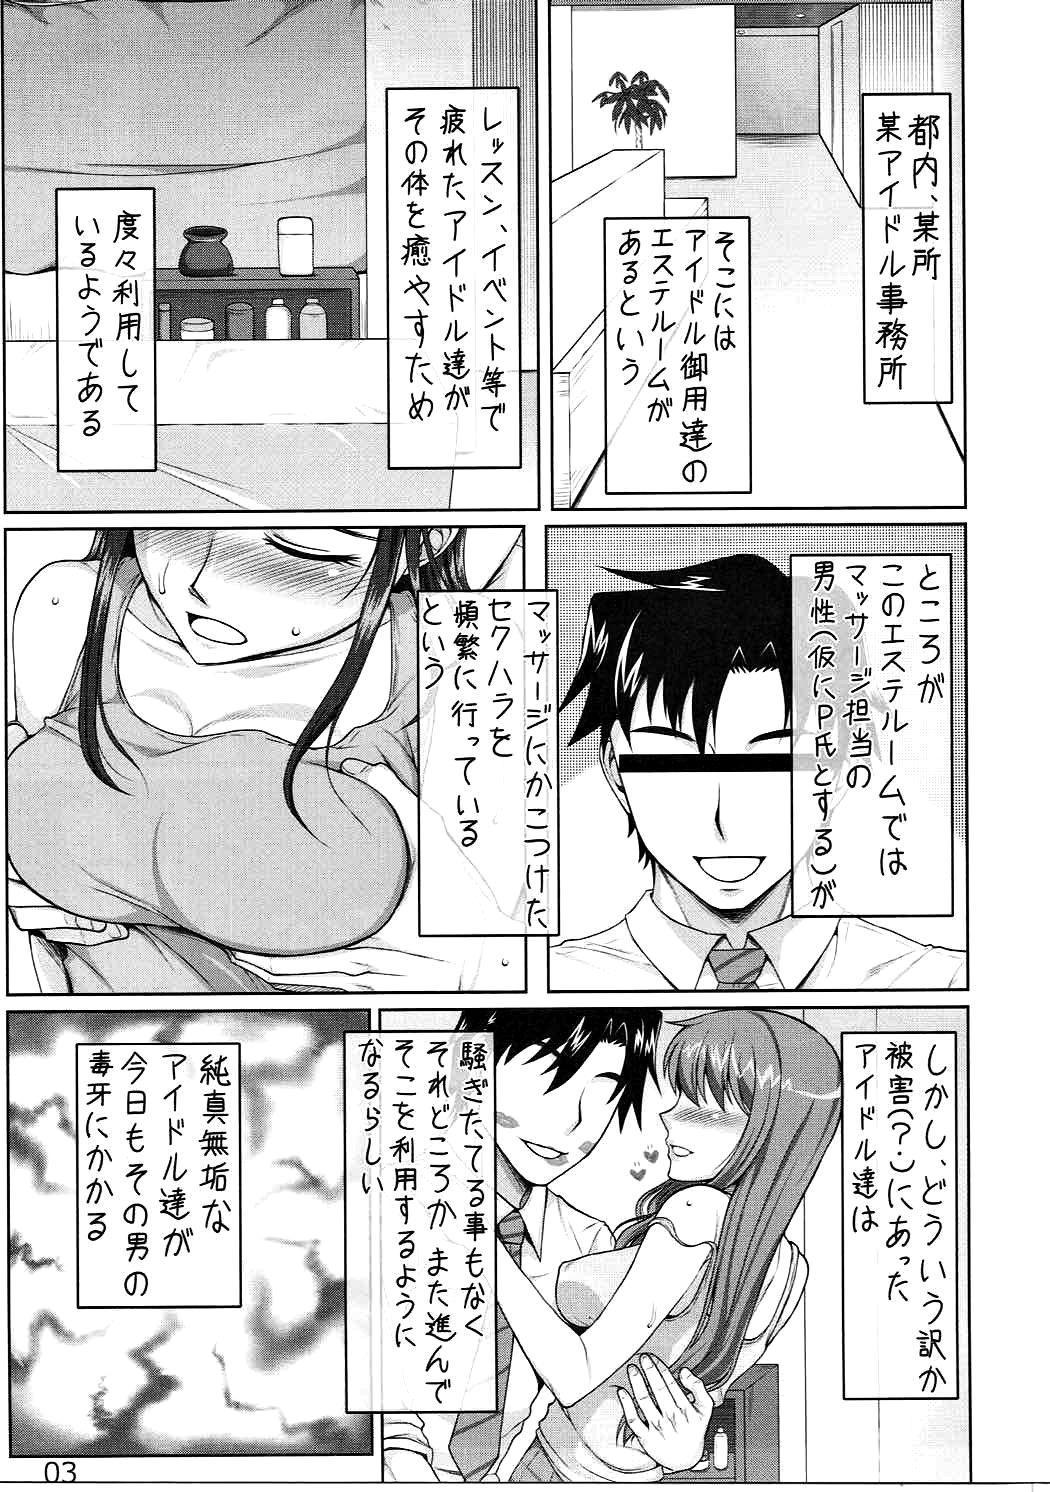 Tsukareta Idol o Nerau Akushitsu SexHara Massage 1